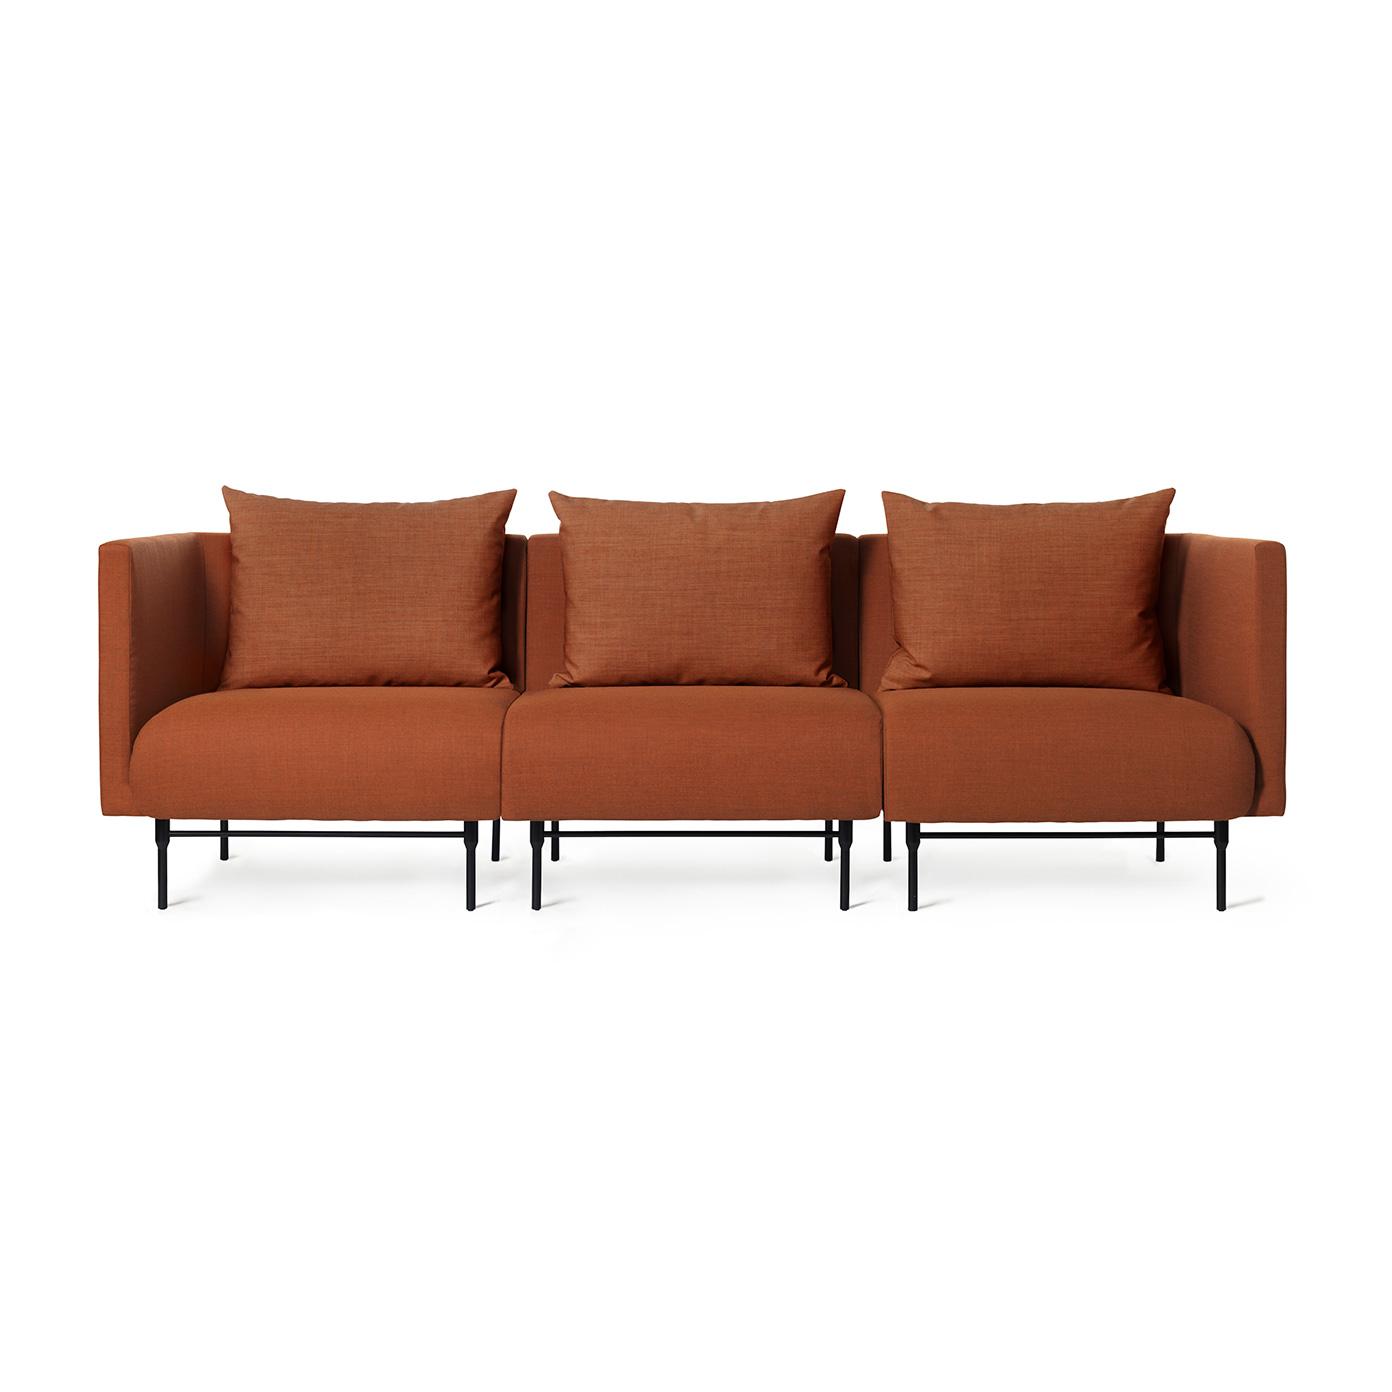 Warm Nordic Modular Sofa 3 Seater